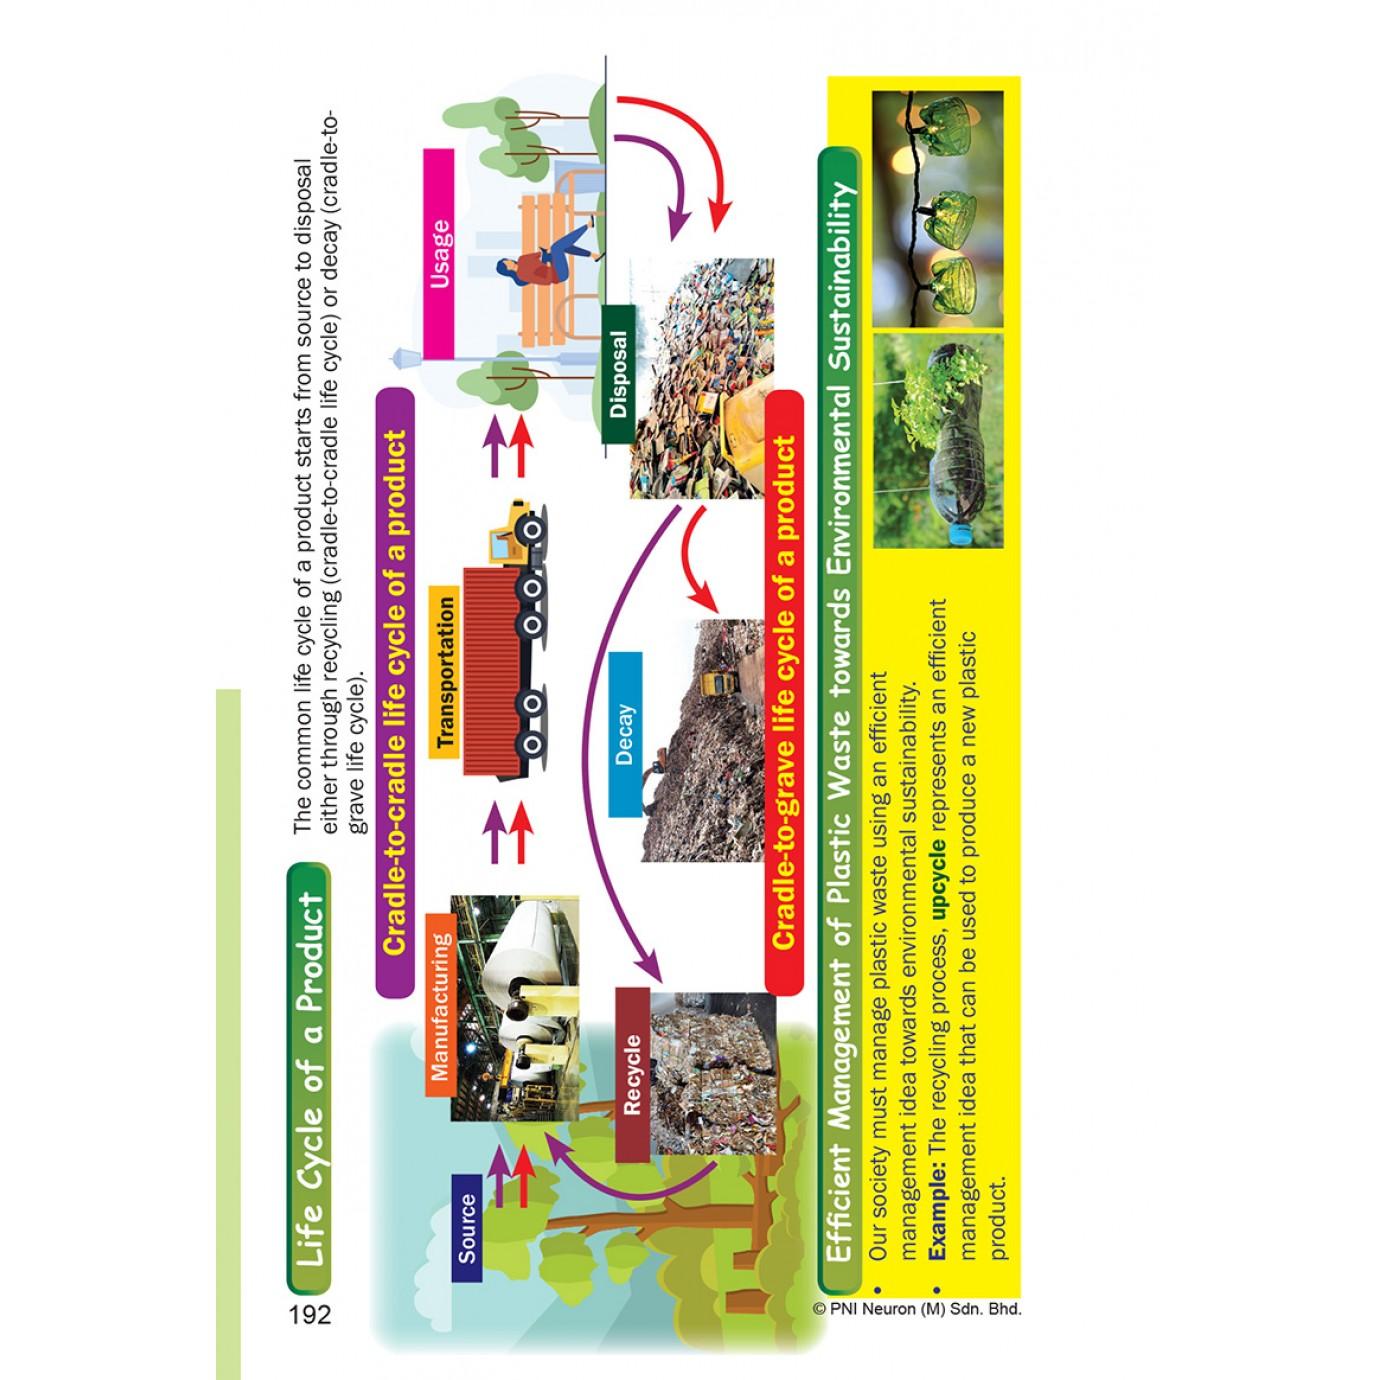 Revisi Mobil KSSM & SPM Science (DLP) Form 4&5